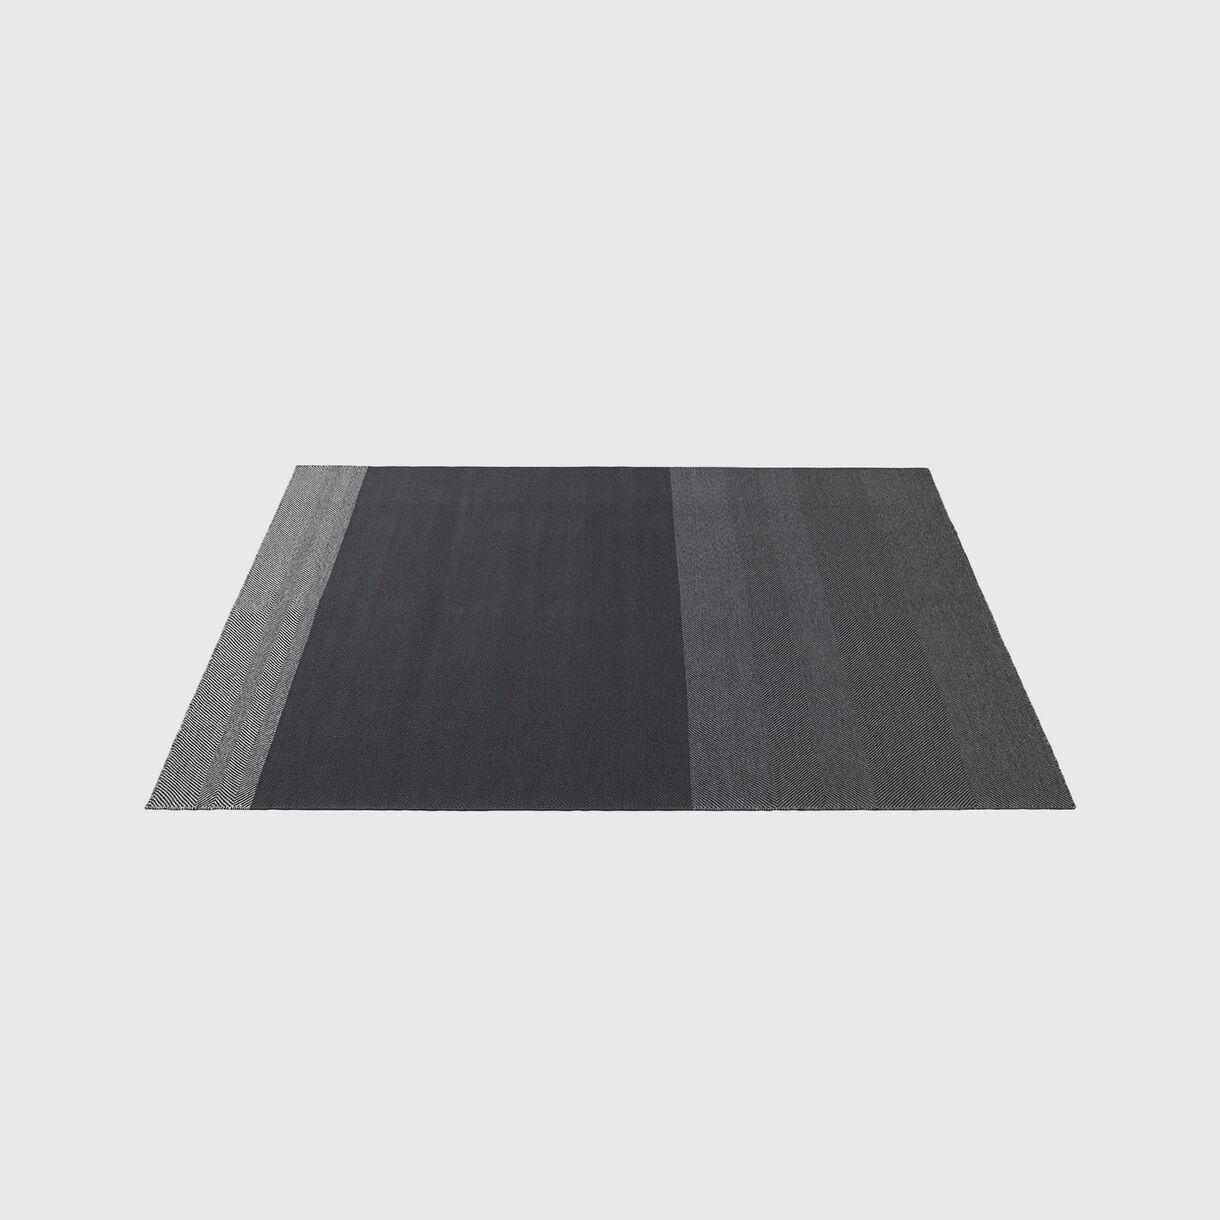 Varjo Rug 200x300cm, Dark Grey